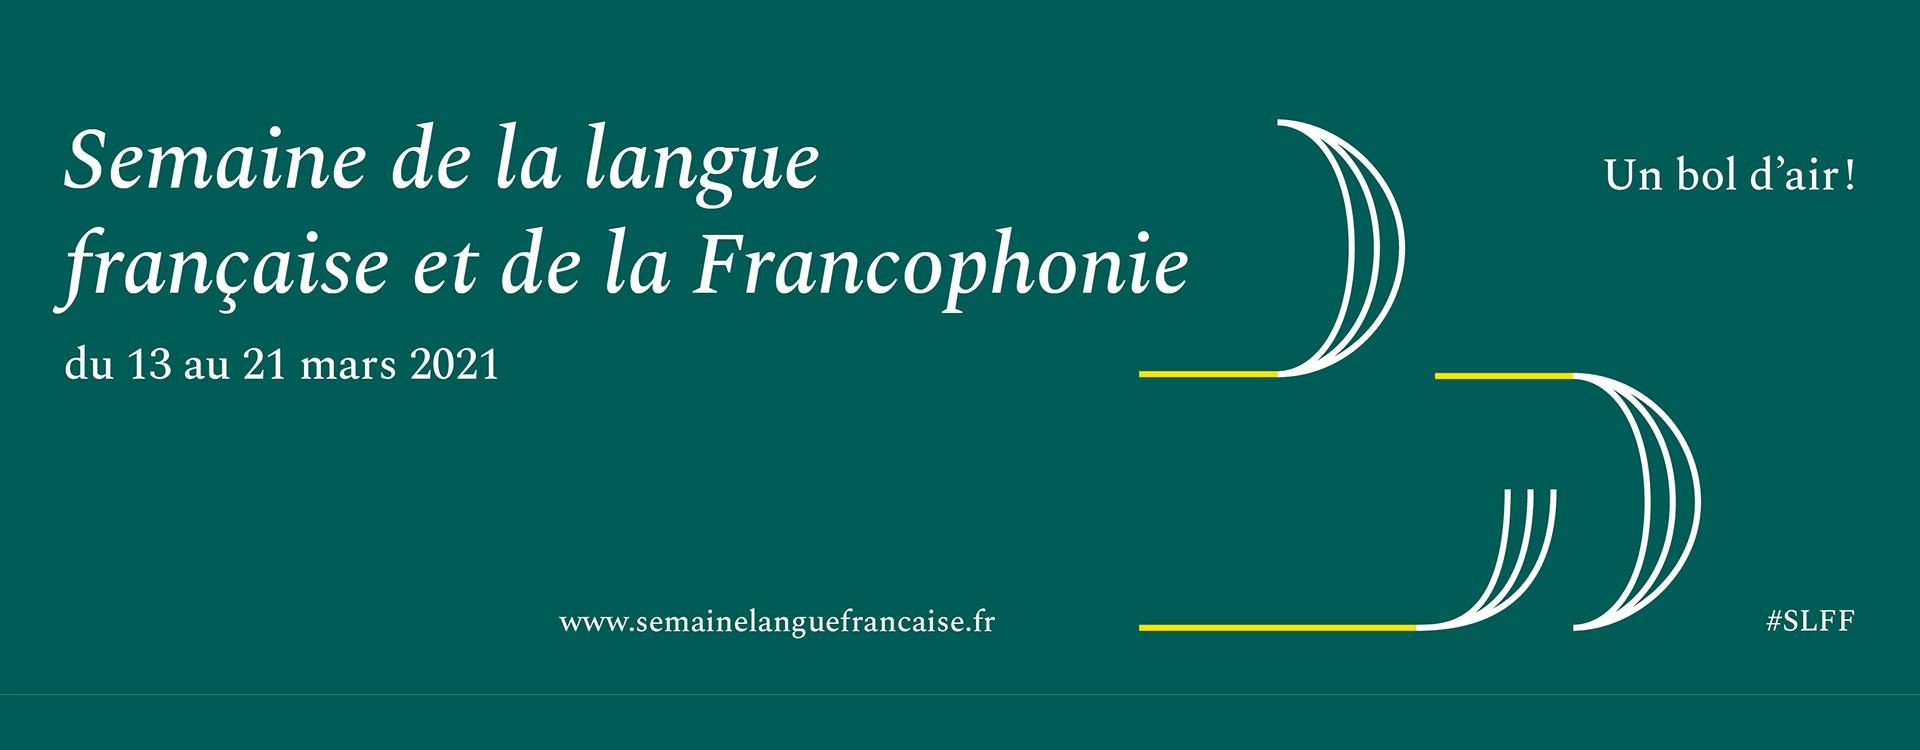 Semaine de la langue française et de la Francophonie (C1/C2)